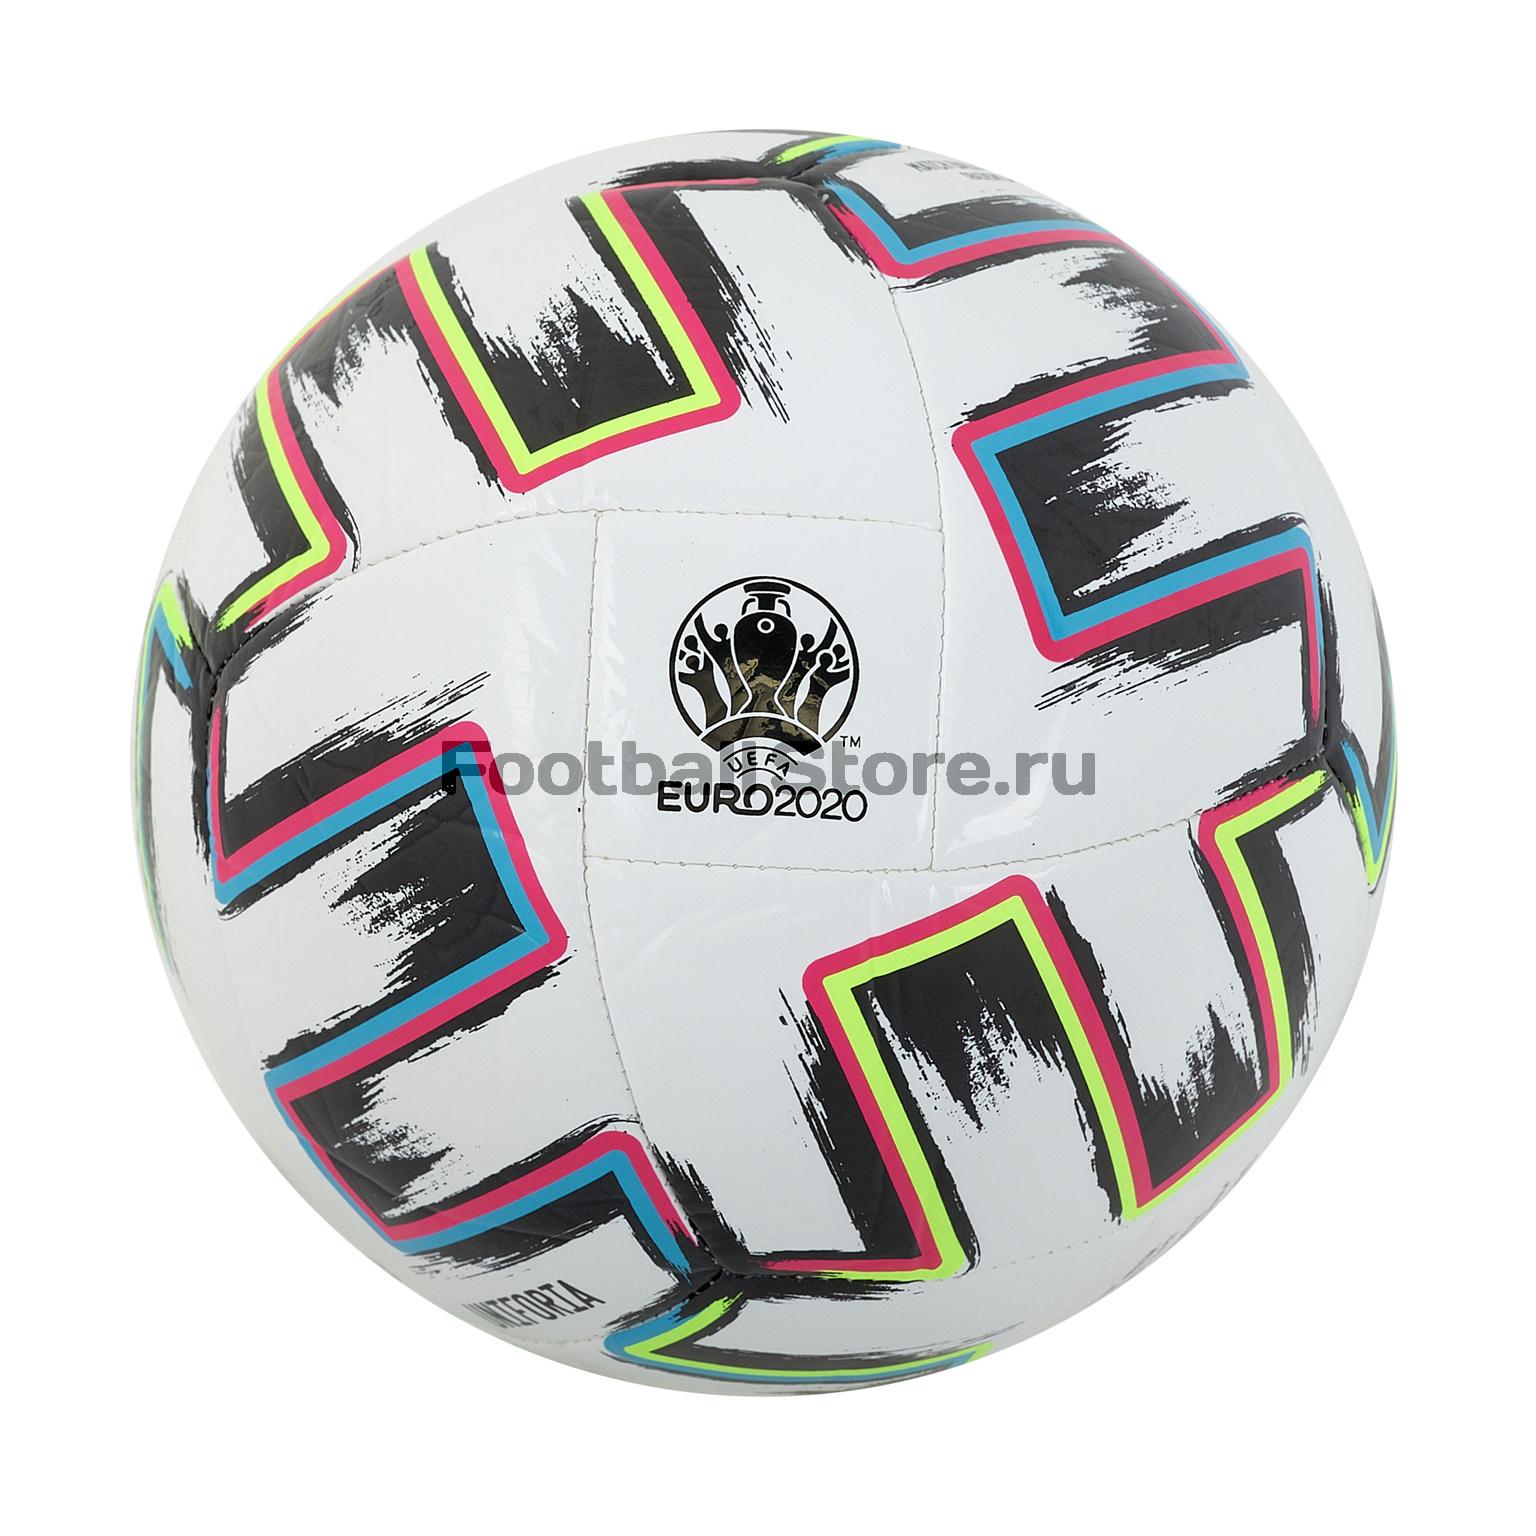 Футзальный мяч Adidas Uniforia Training Sala FH7349 цена